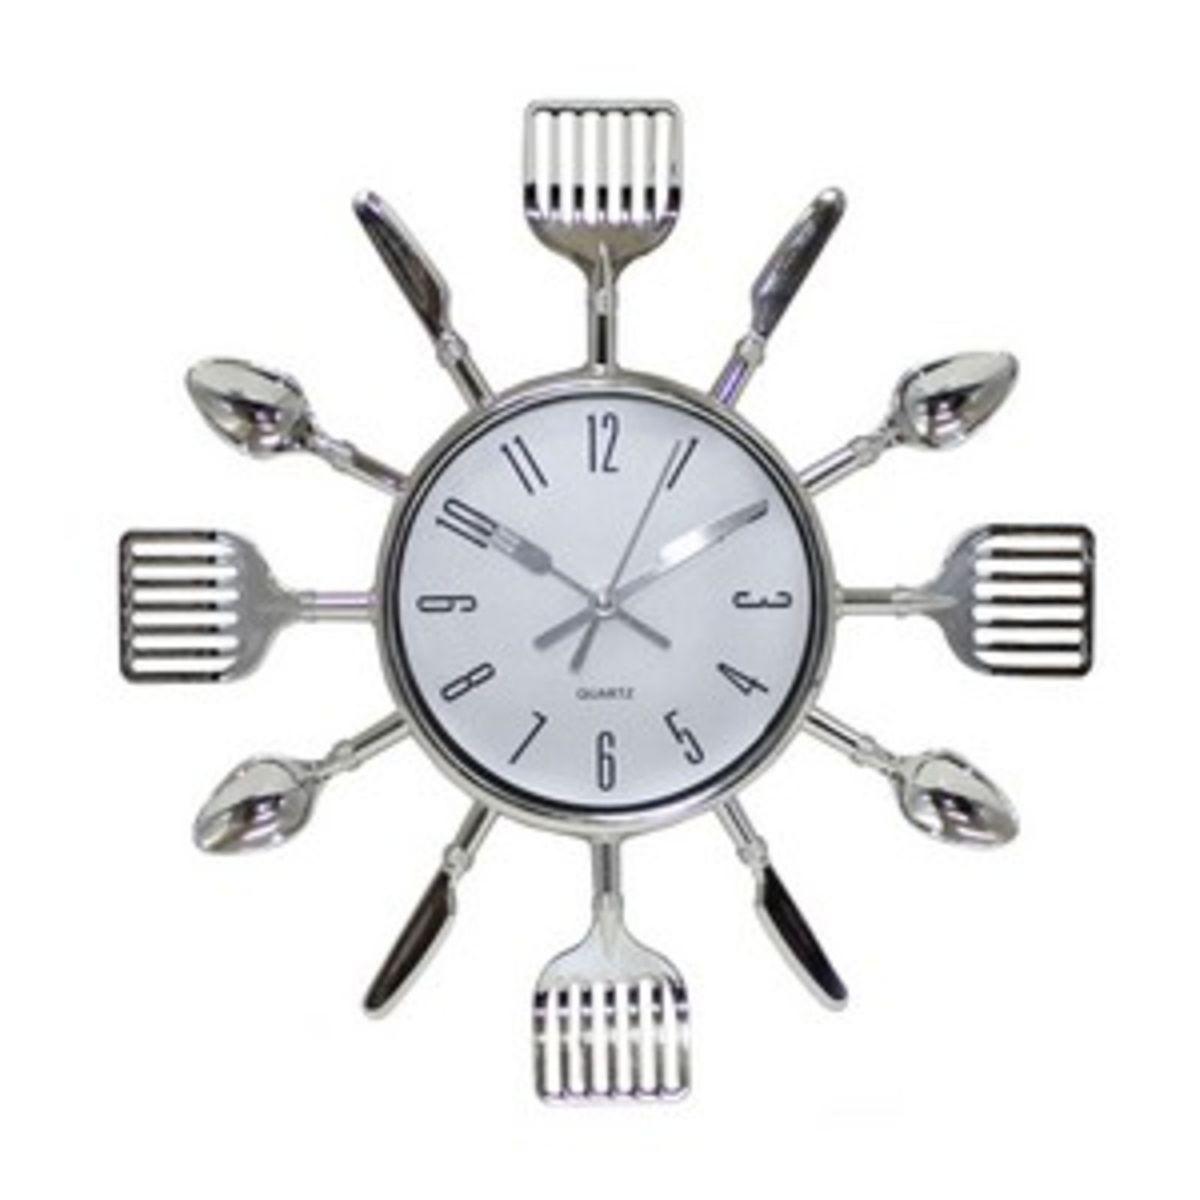 Relógio de Parede Analógico em Formato de Talheres Prata